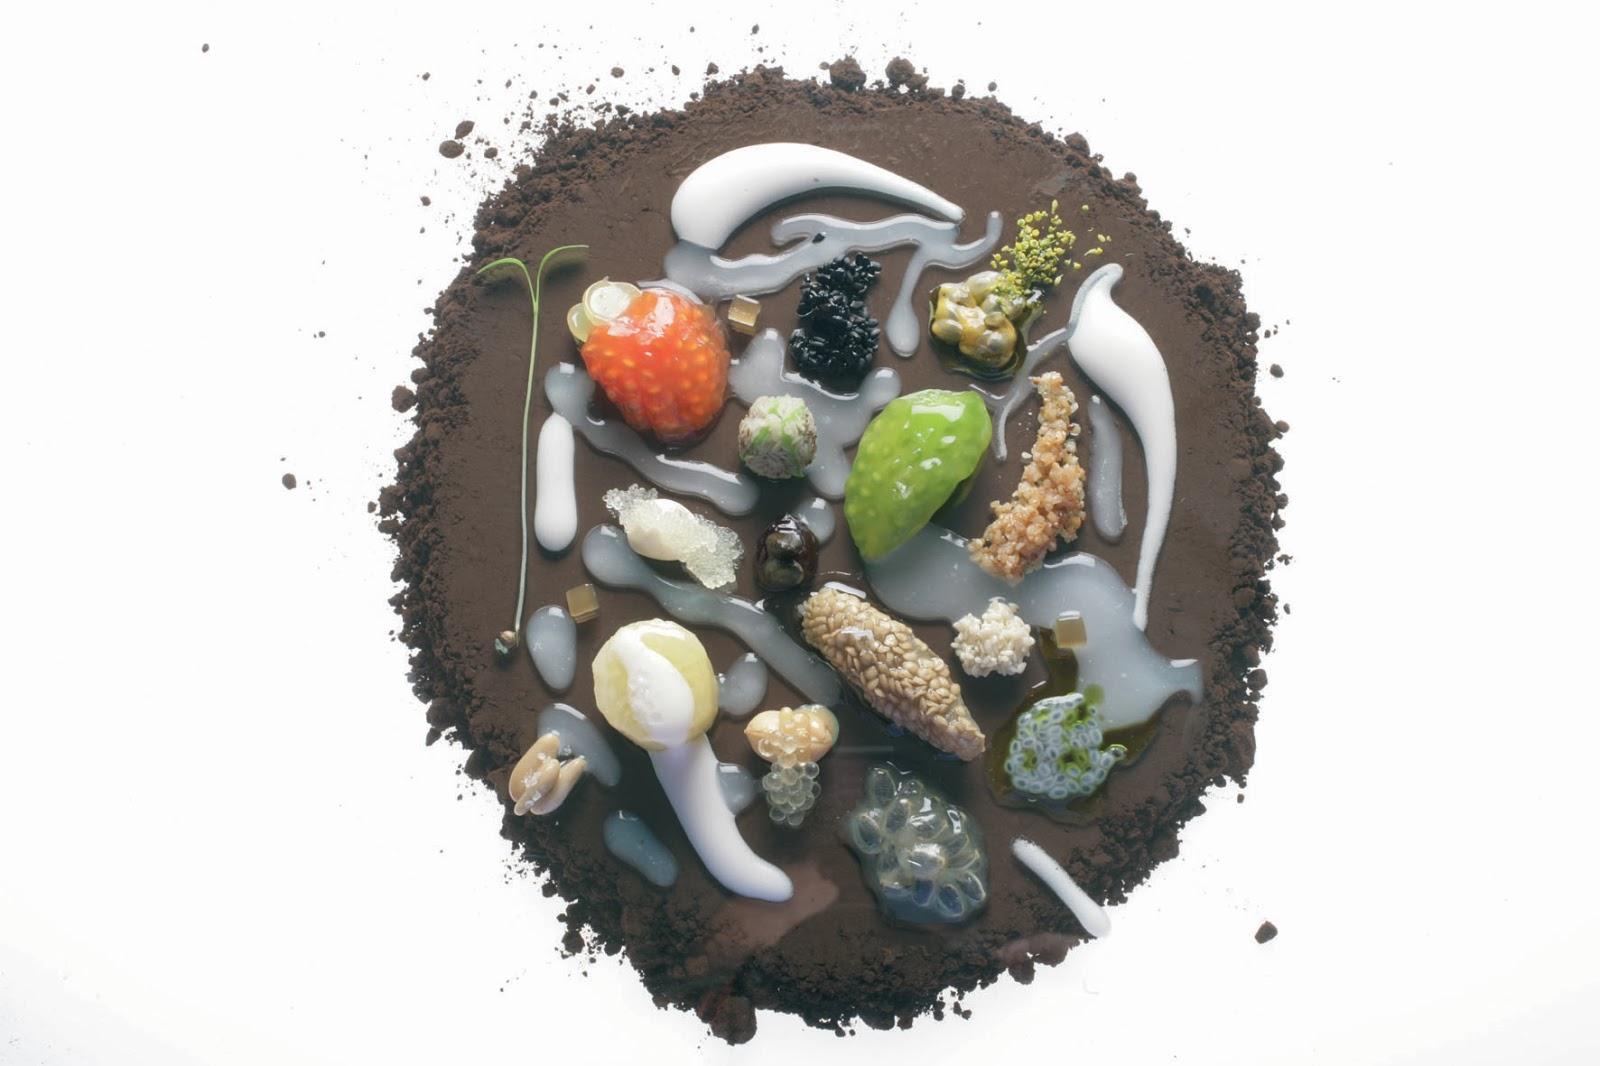 Garbancita tapas spanish design for food for Ferran adria platos